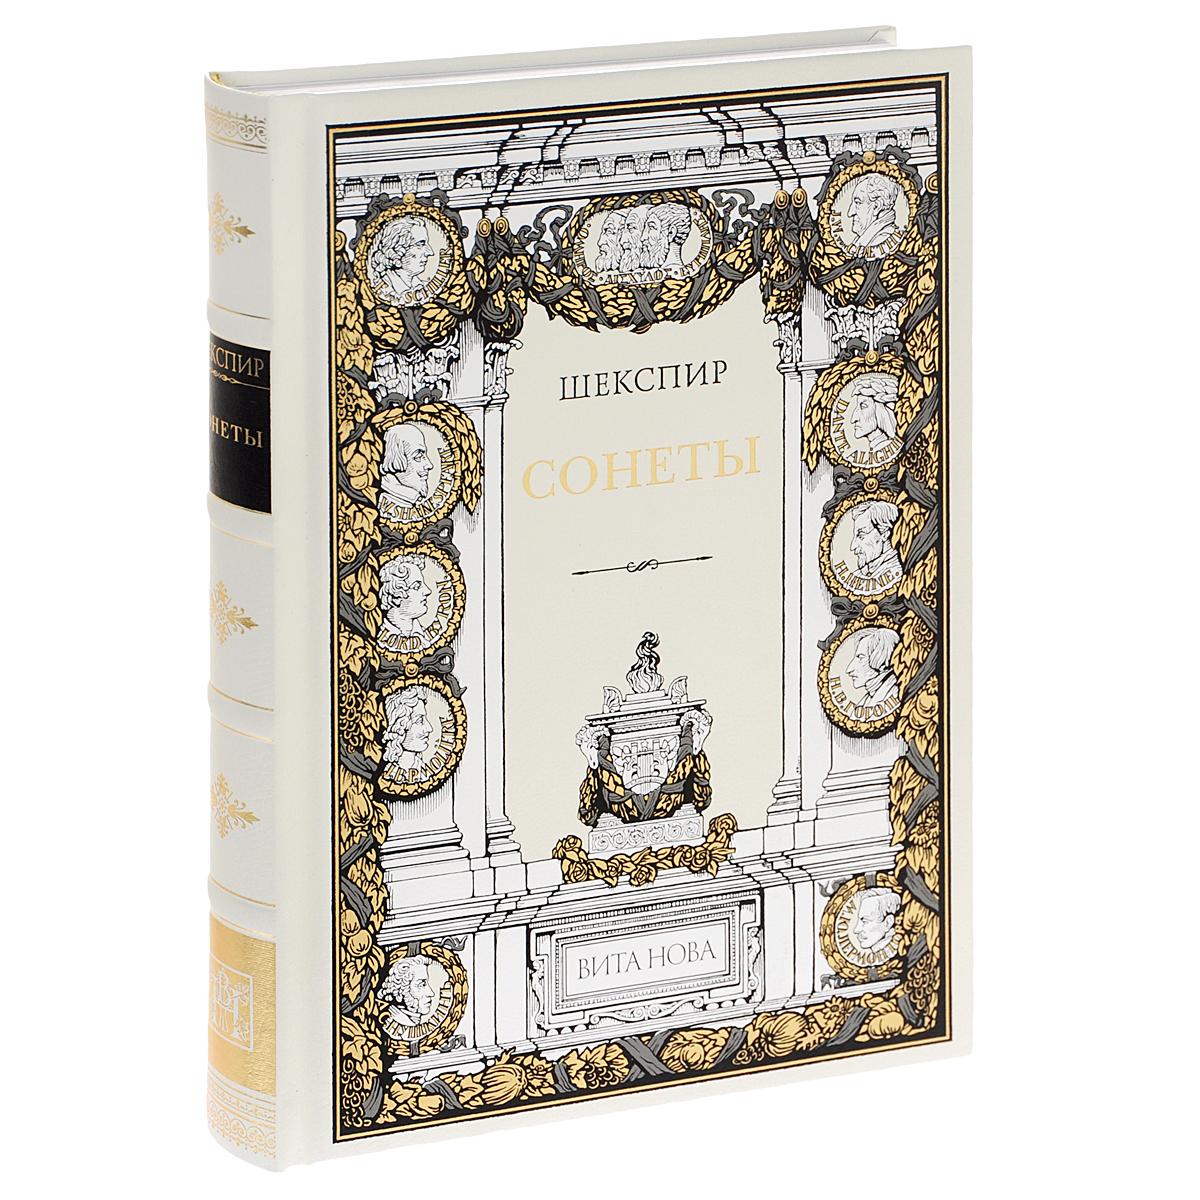 Уильям Шекспир Уильям Шекспир. Сонеты (подарочное издание) уильям шекспир уильям шекспир сонеты подарочное издание